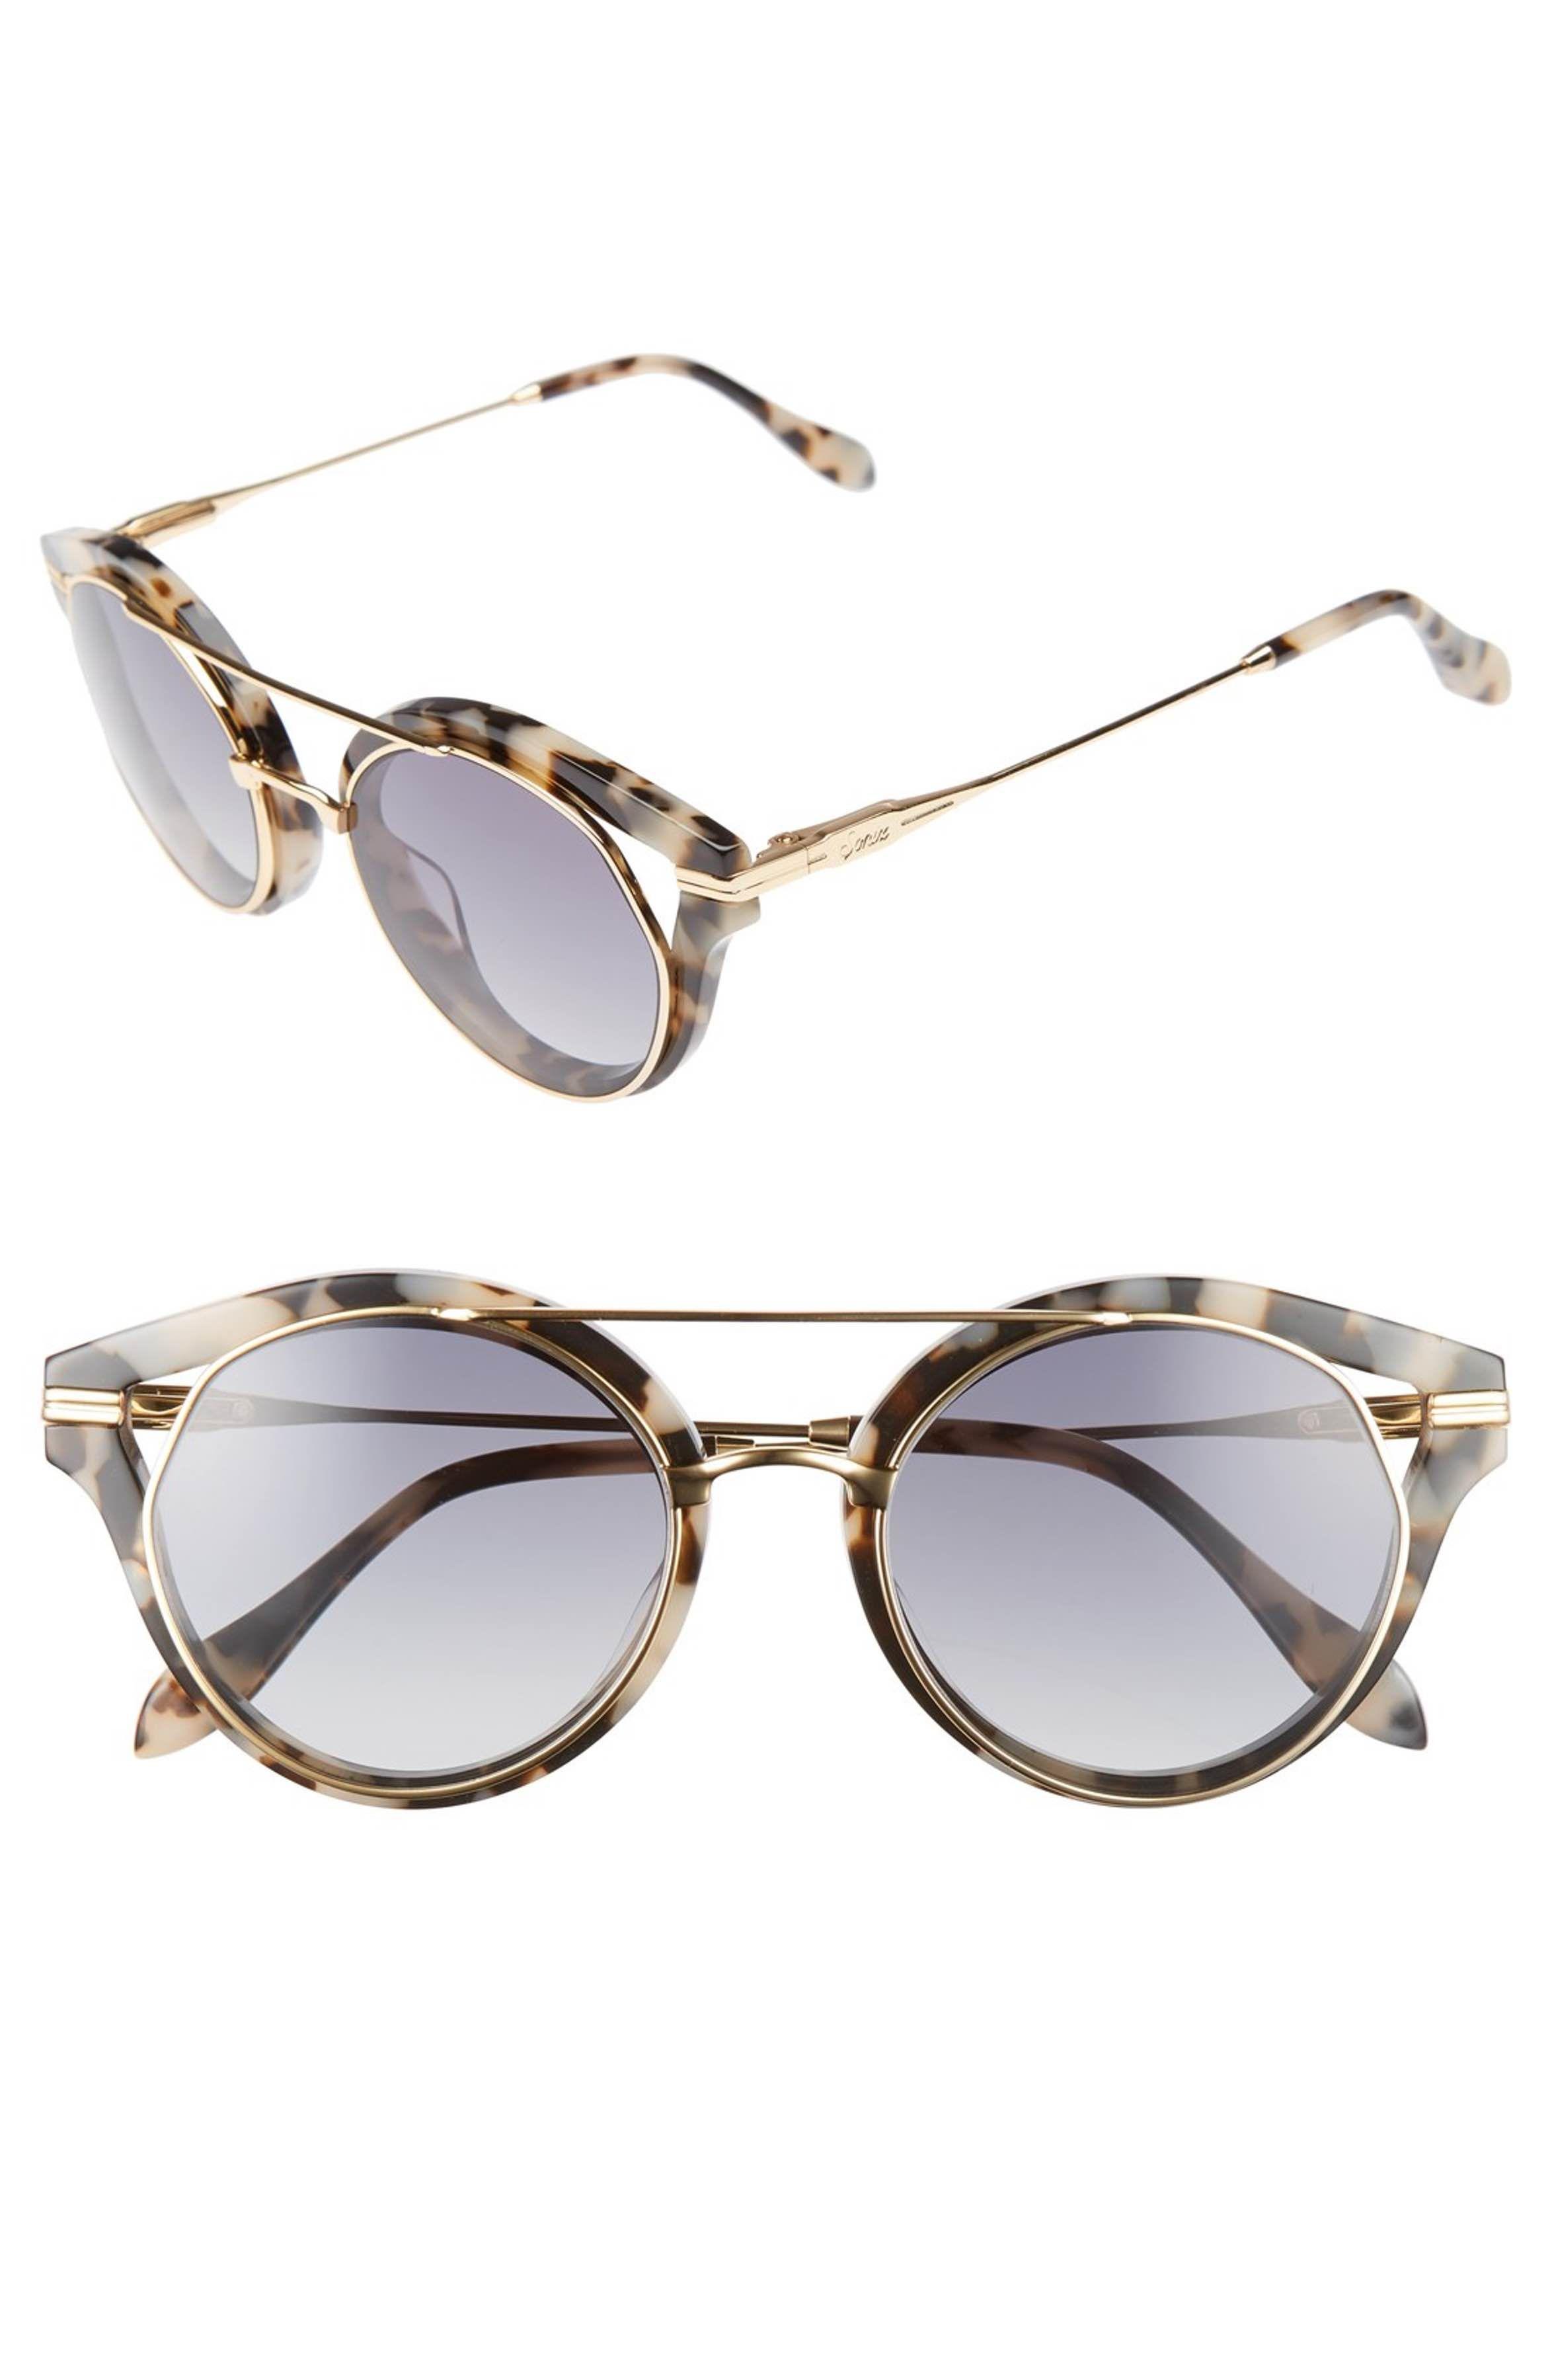 7c750b5ce3c Main Image - Sonix Preston 51mm Gradient Round Sunglasses